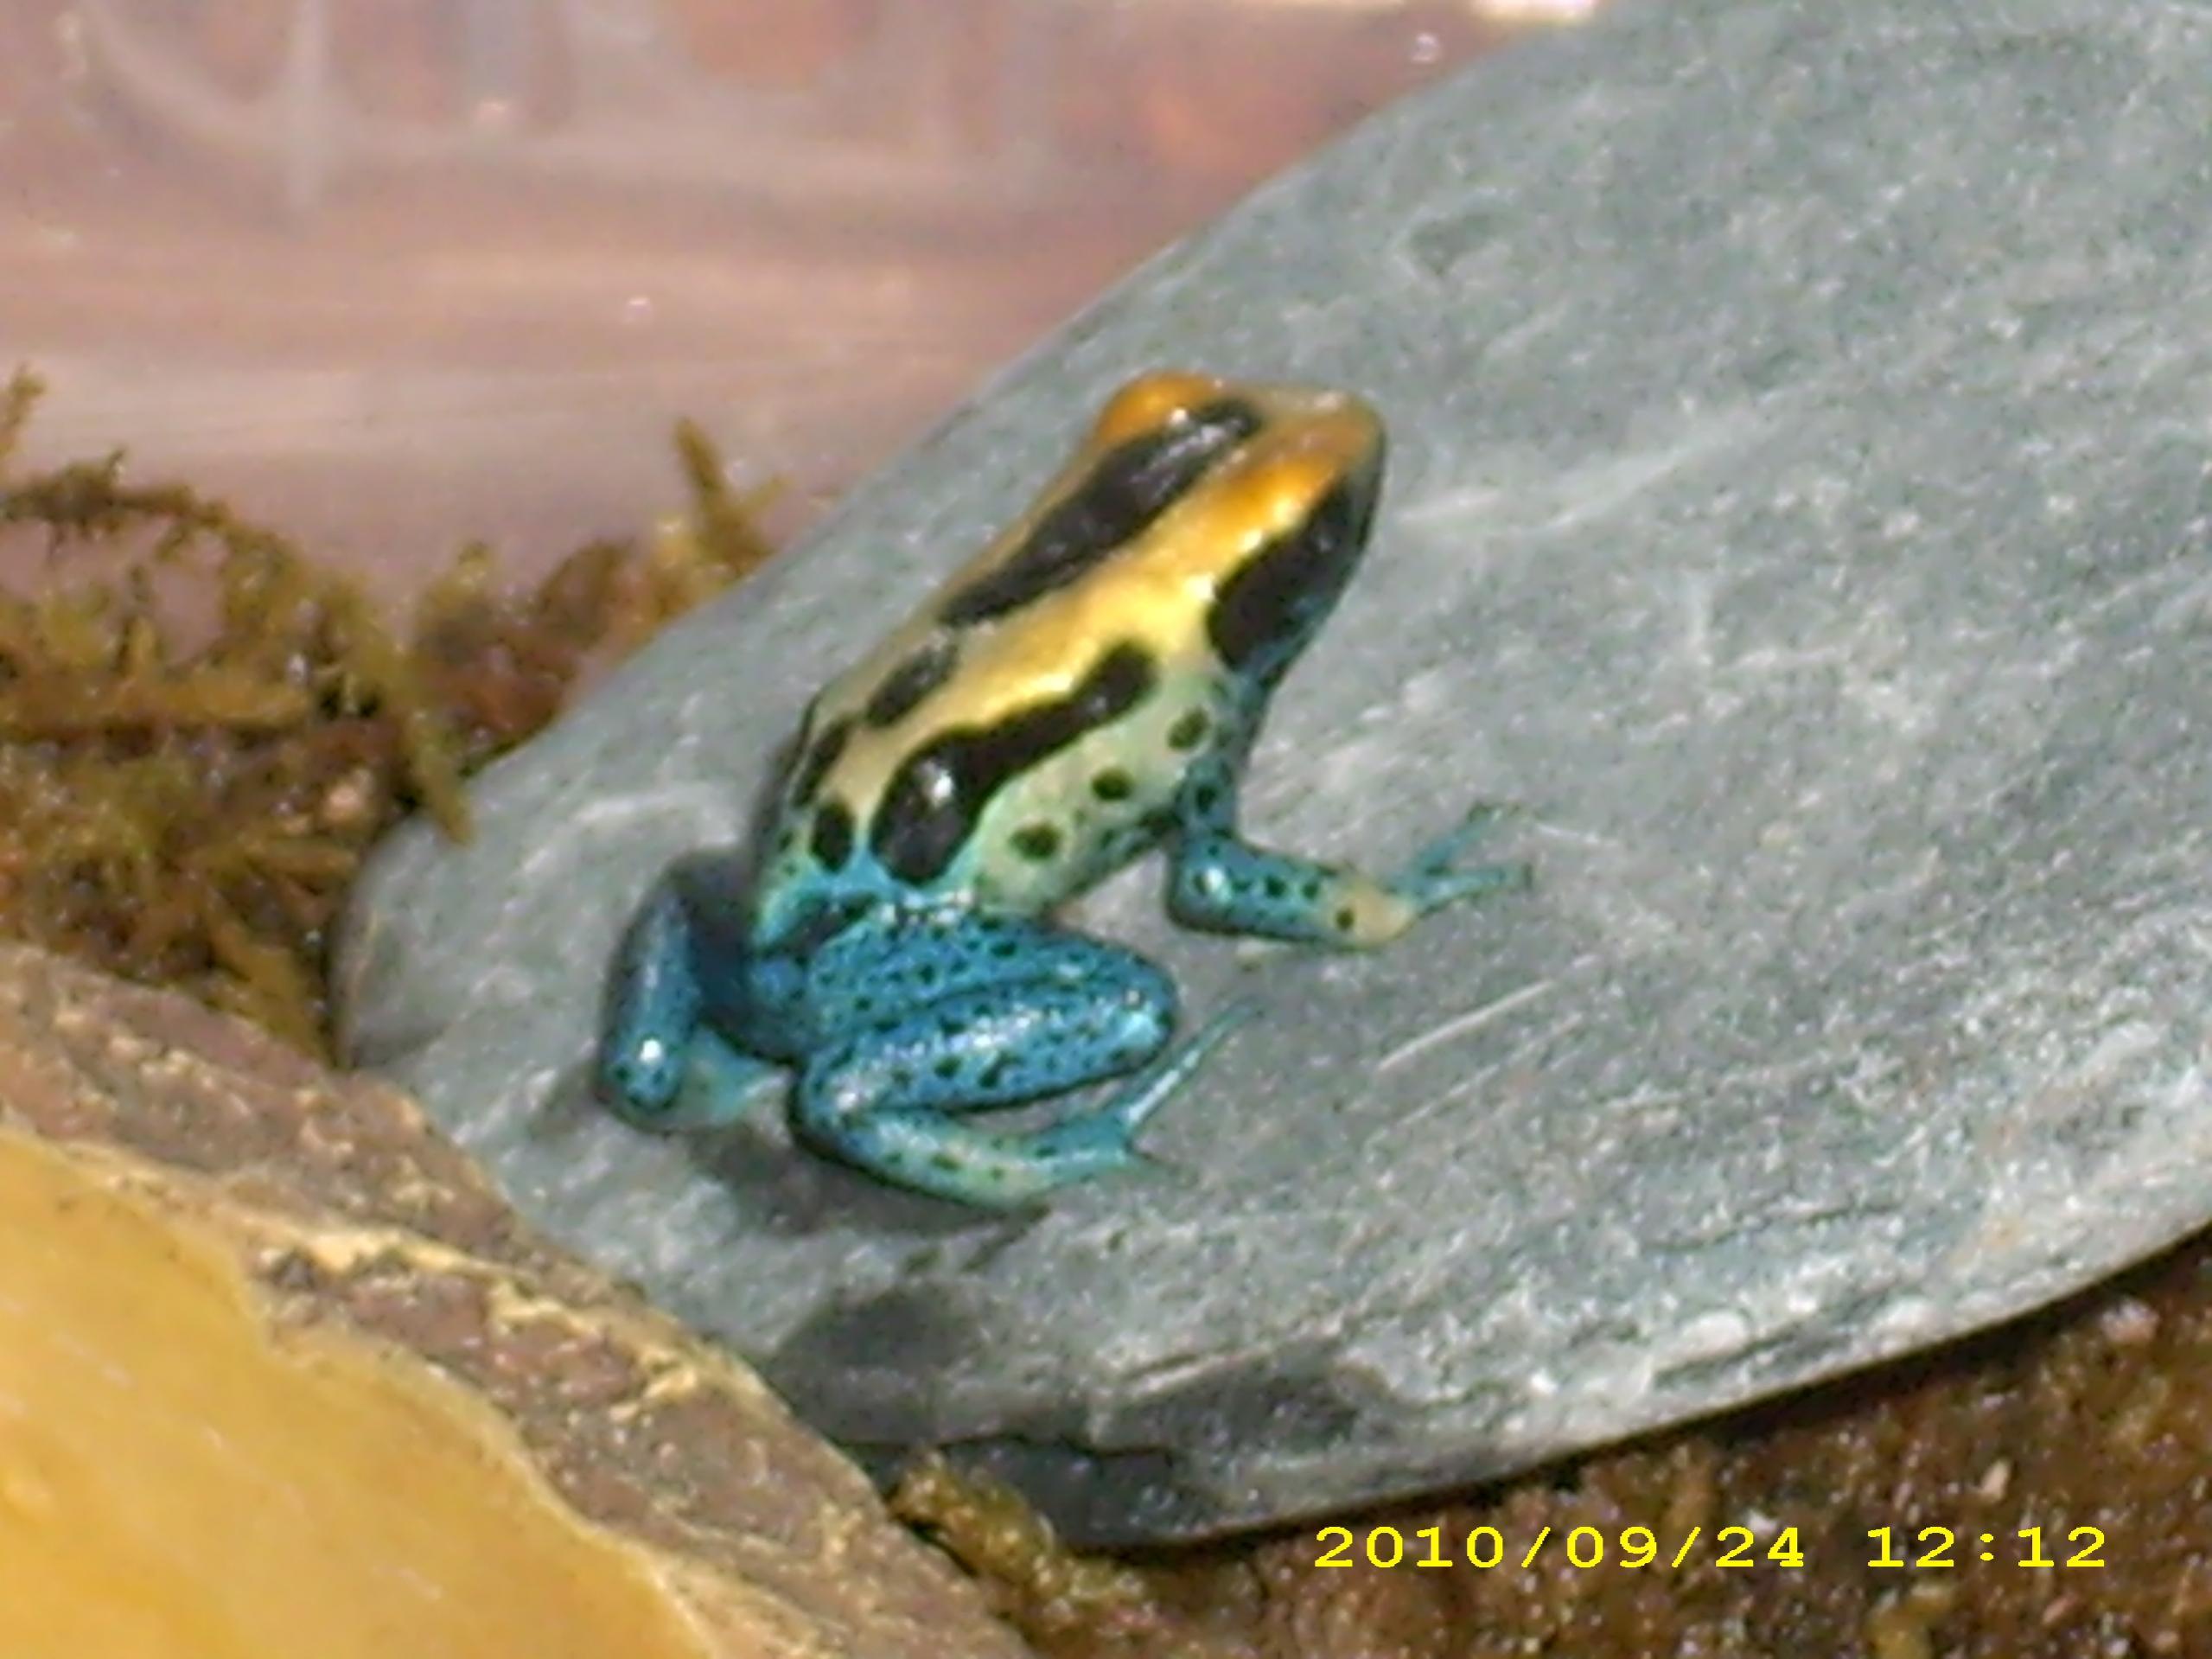 ... froglet froglet coloring pages tree frog froglet froglet clipart